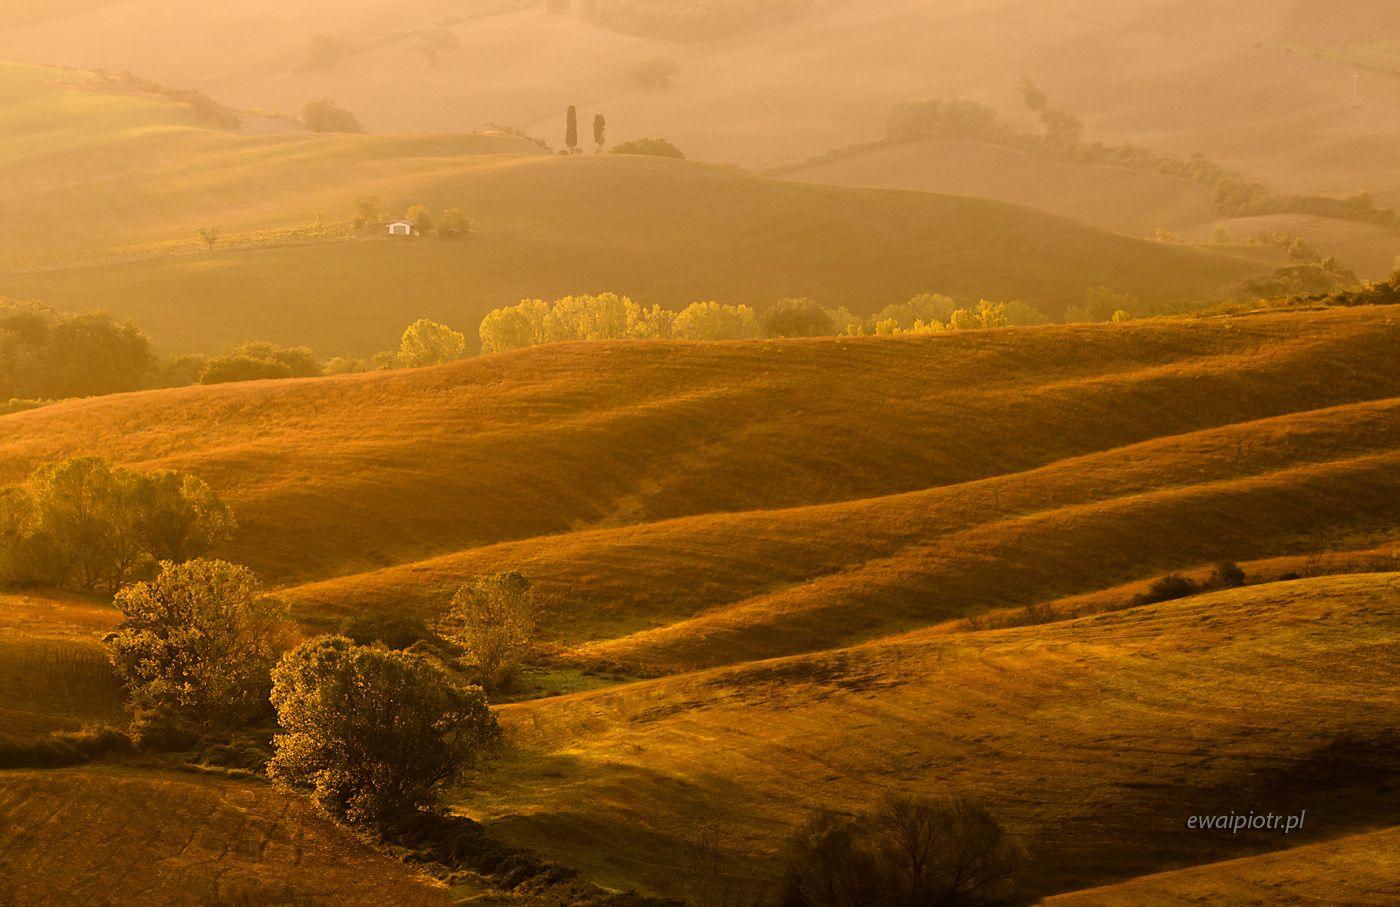 Toskania i wschodzące słońce, fotowyprawa, pod słońce, krajobraz